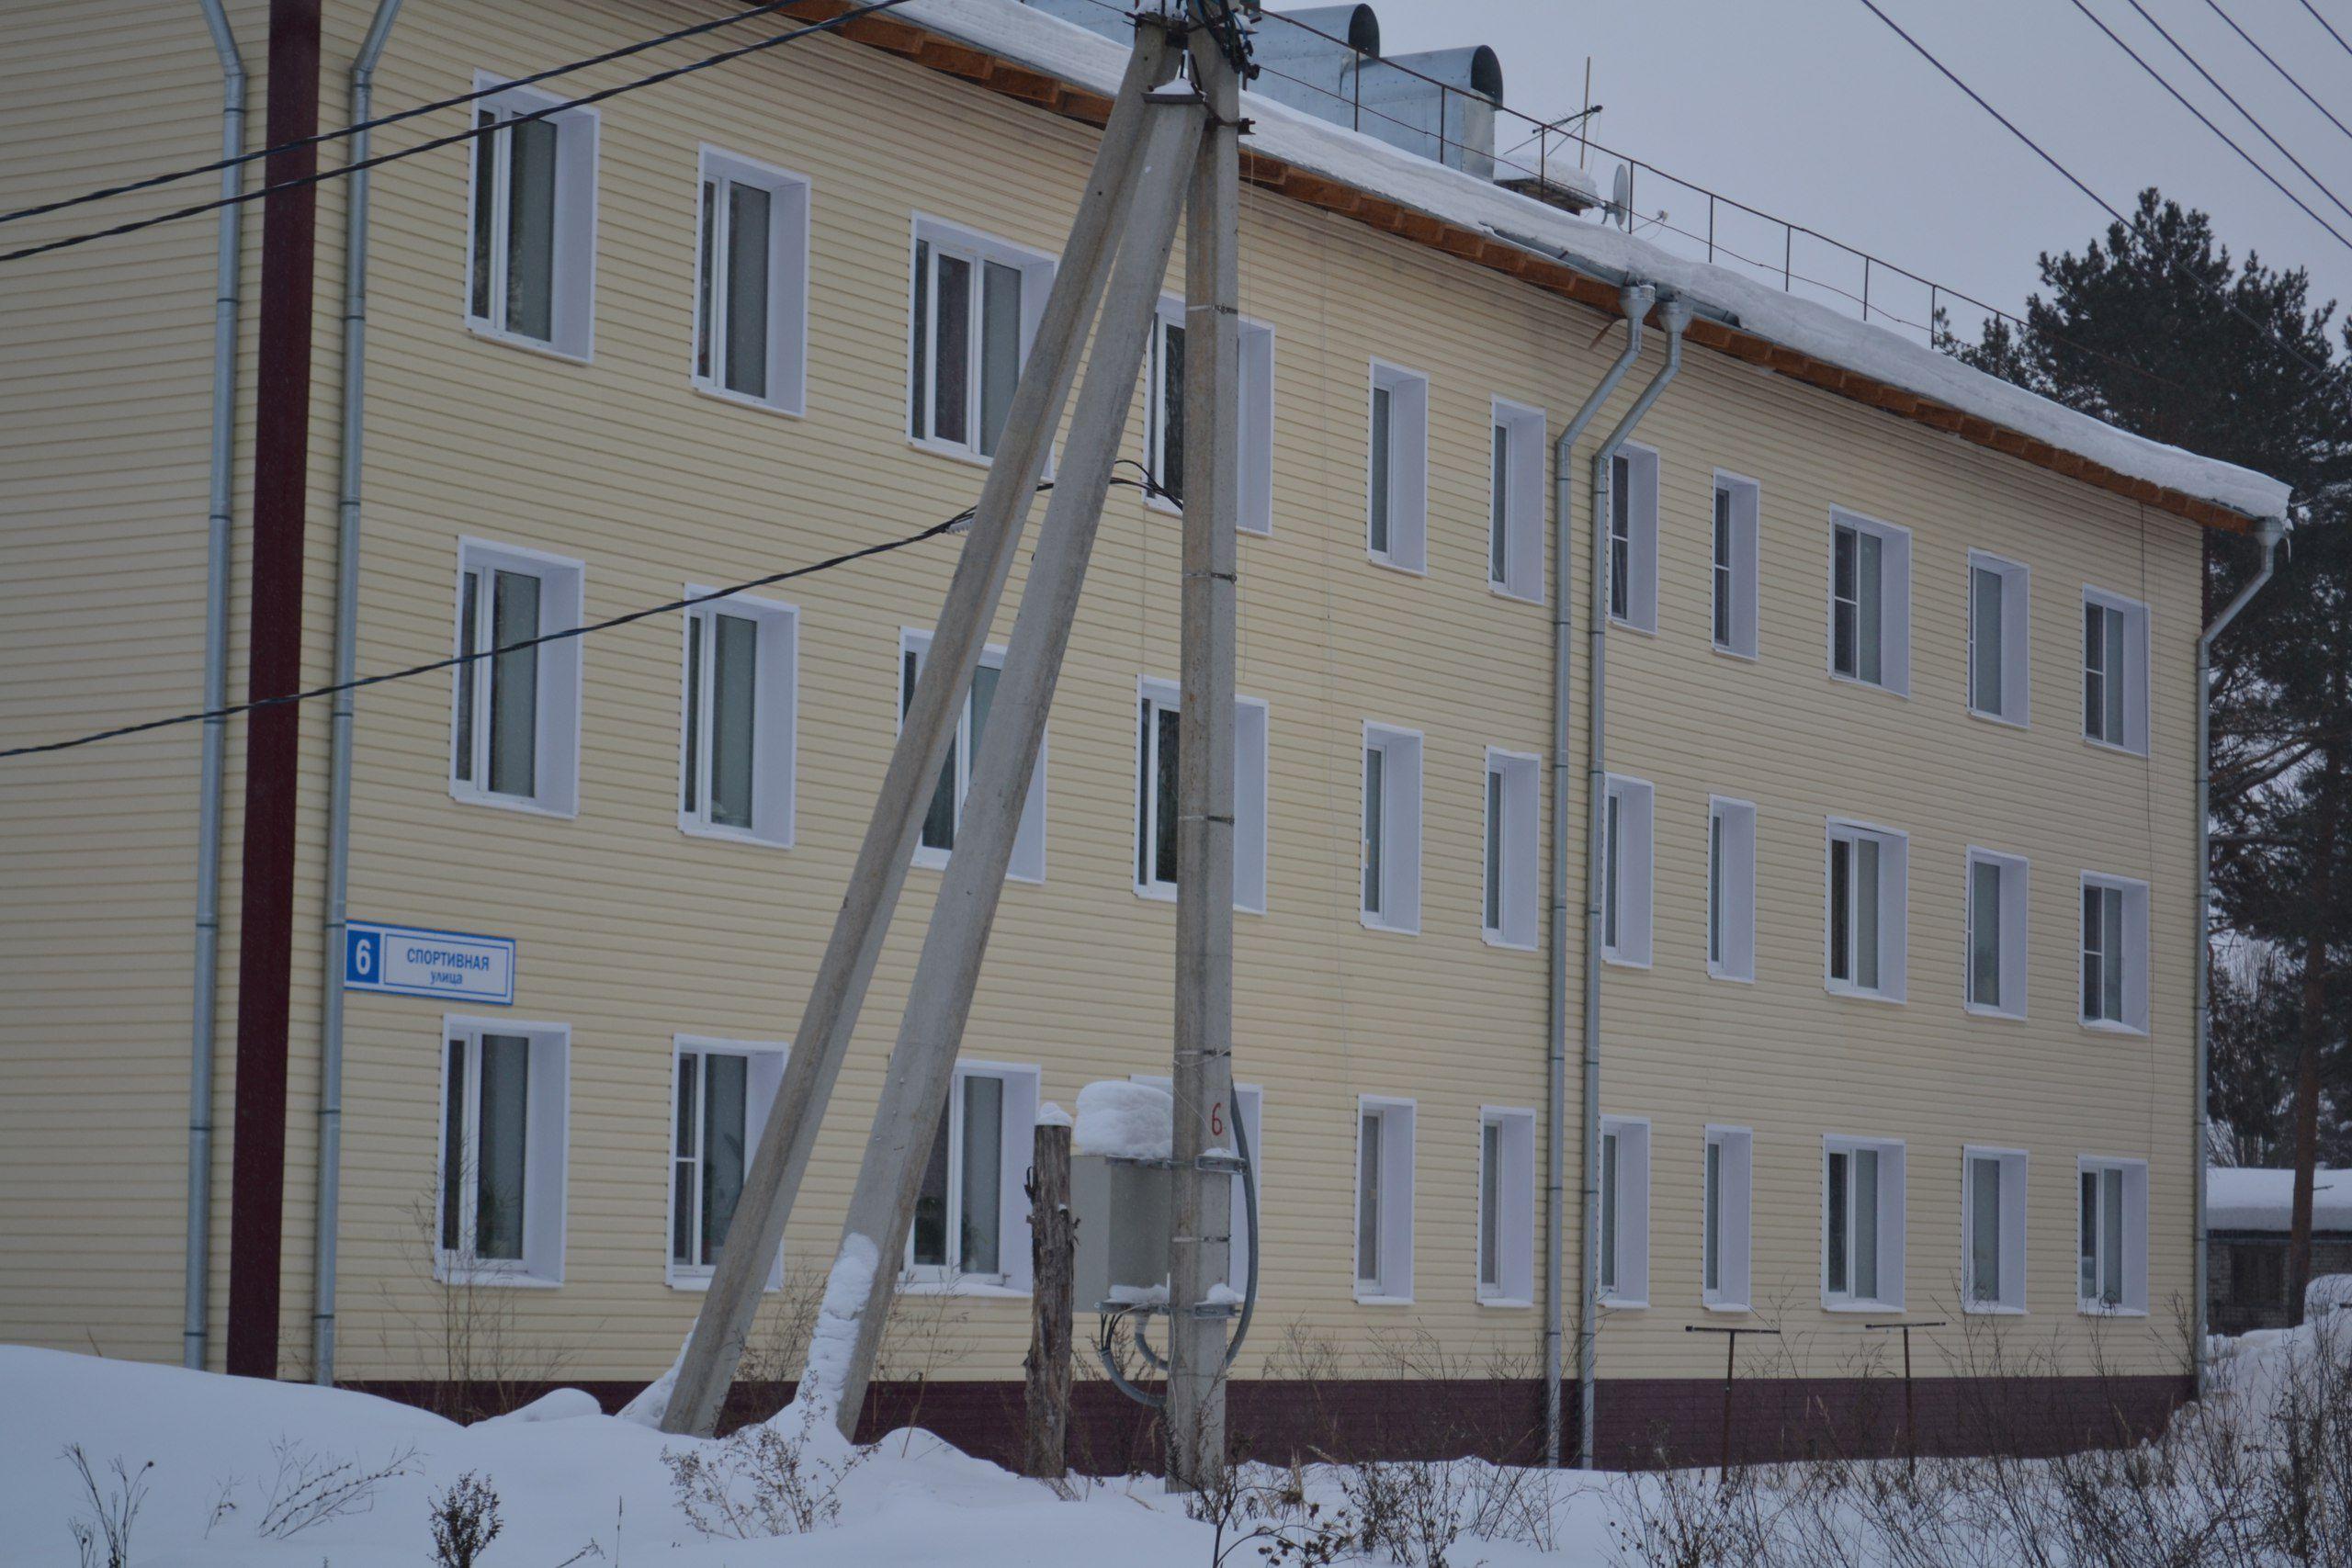 Активисты ОНФ нашли в Кировской области новые проблемные дома, построенные для переселенцев из ветхого жилья.